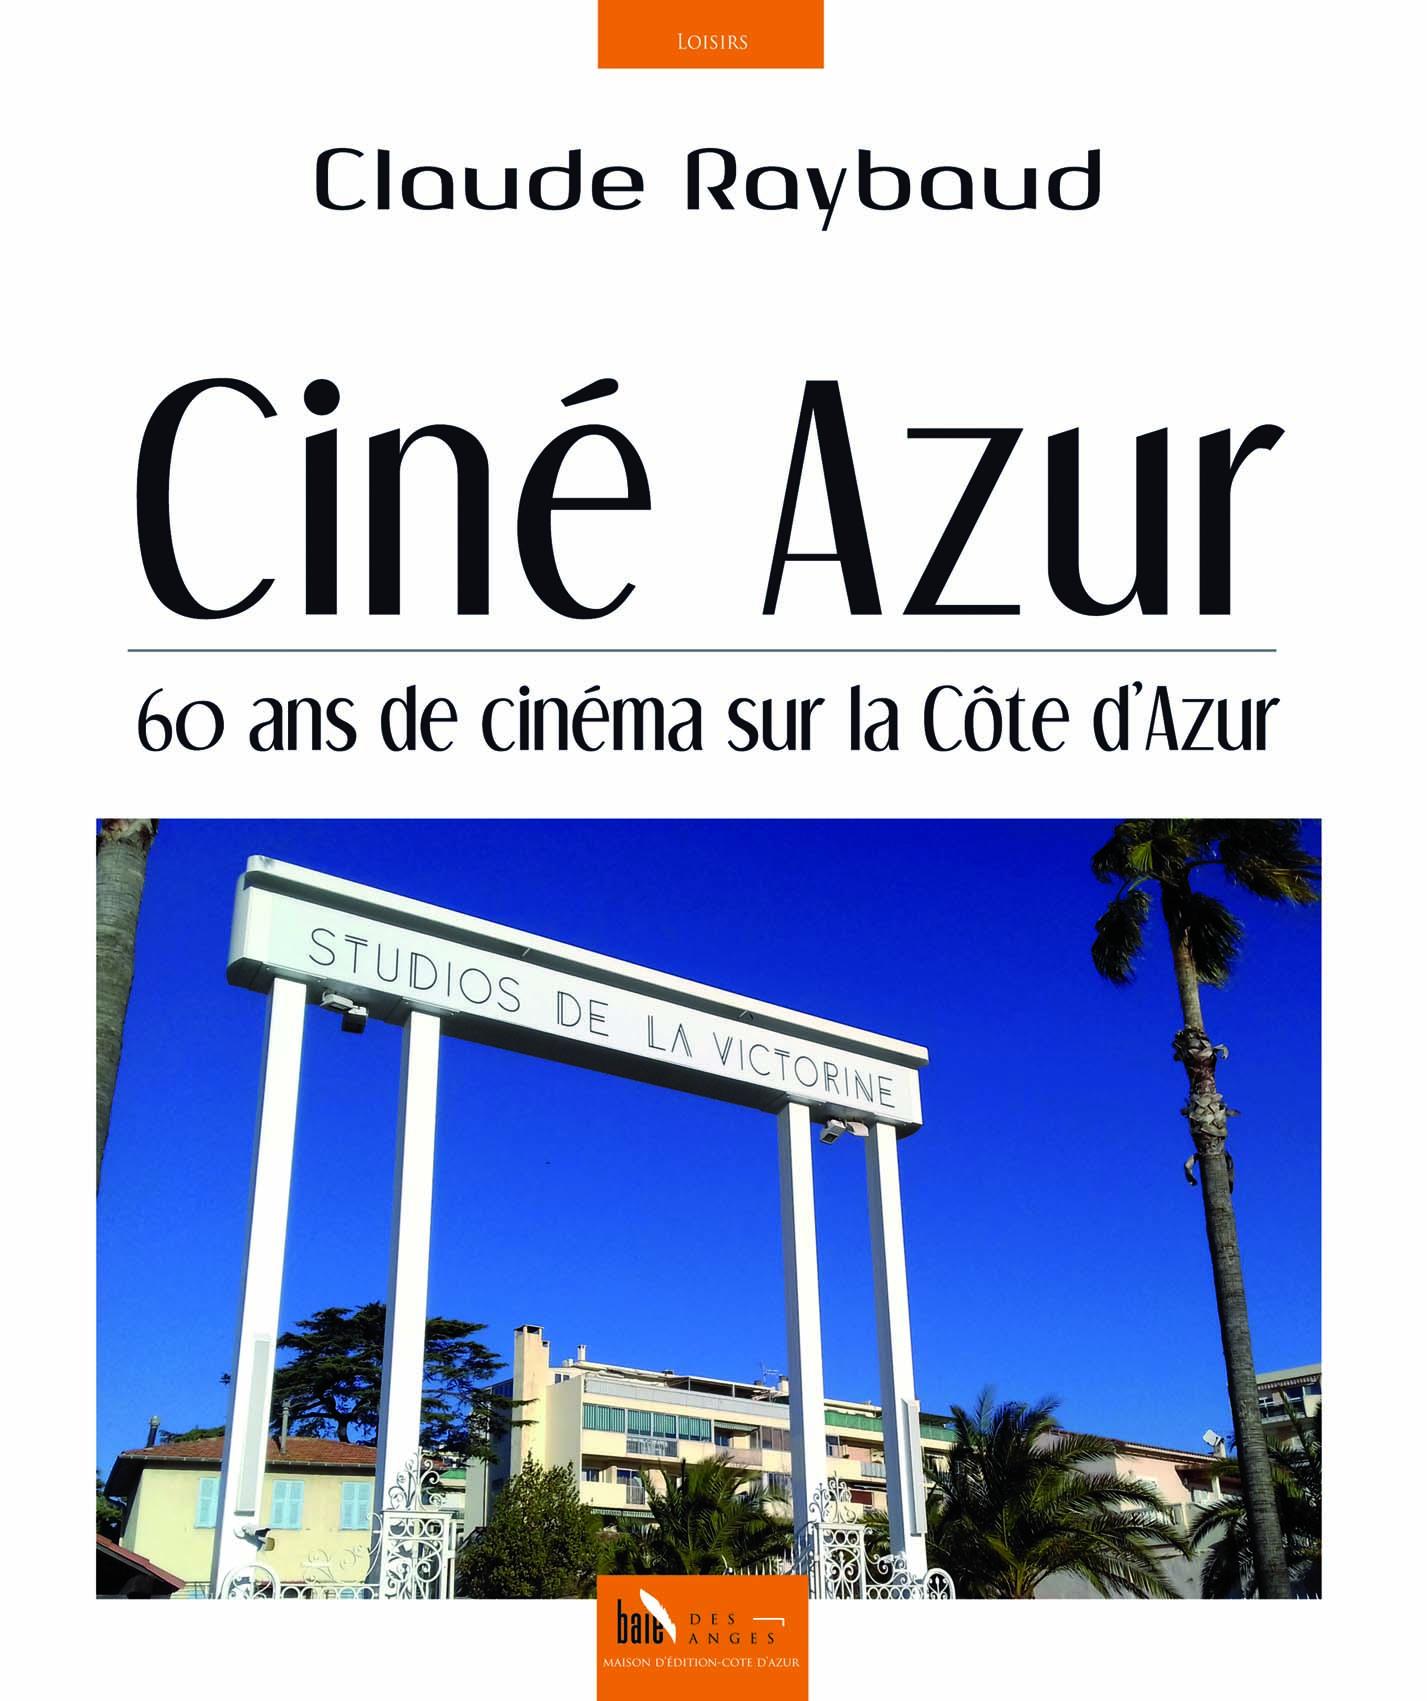 La Côte d'Azur et Le Cinéma